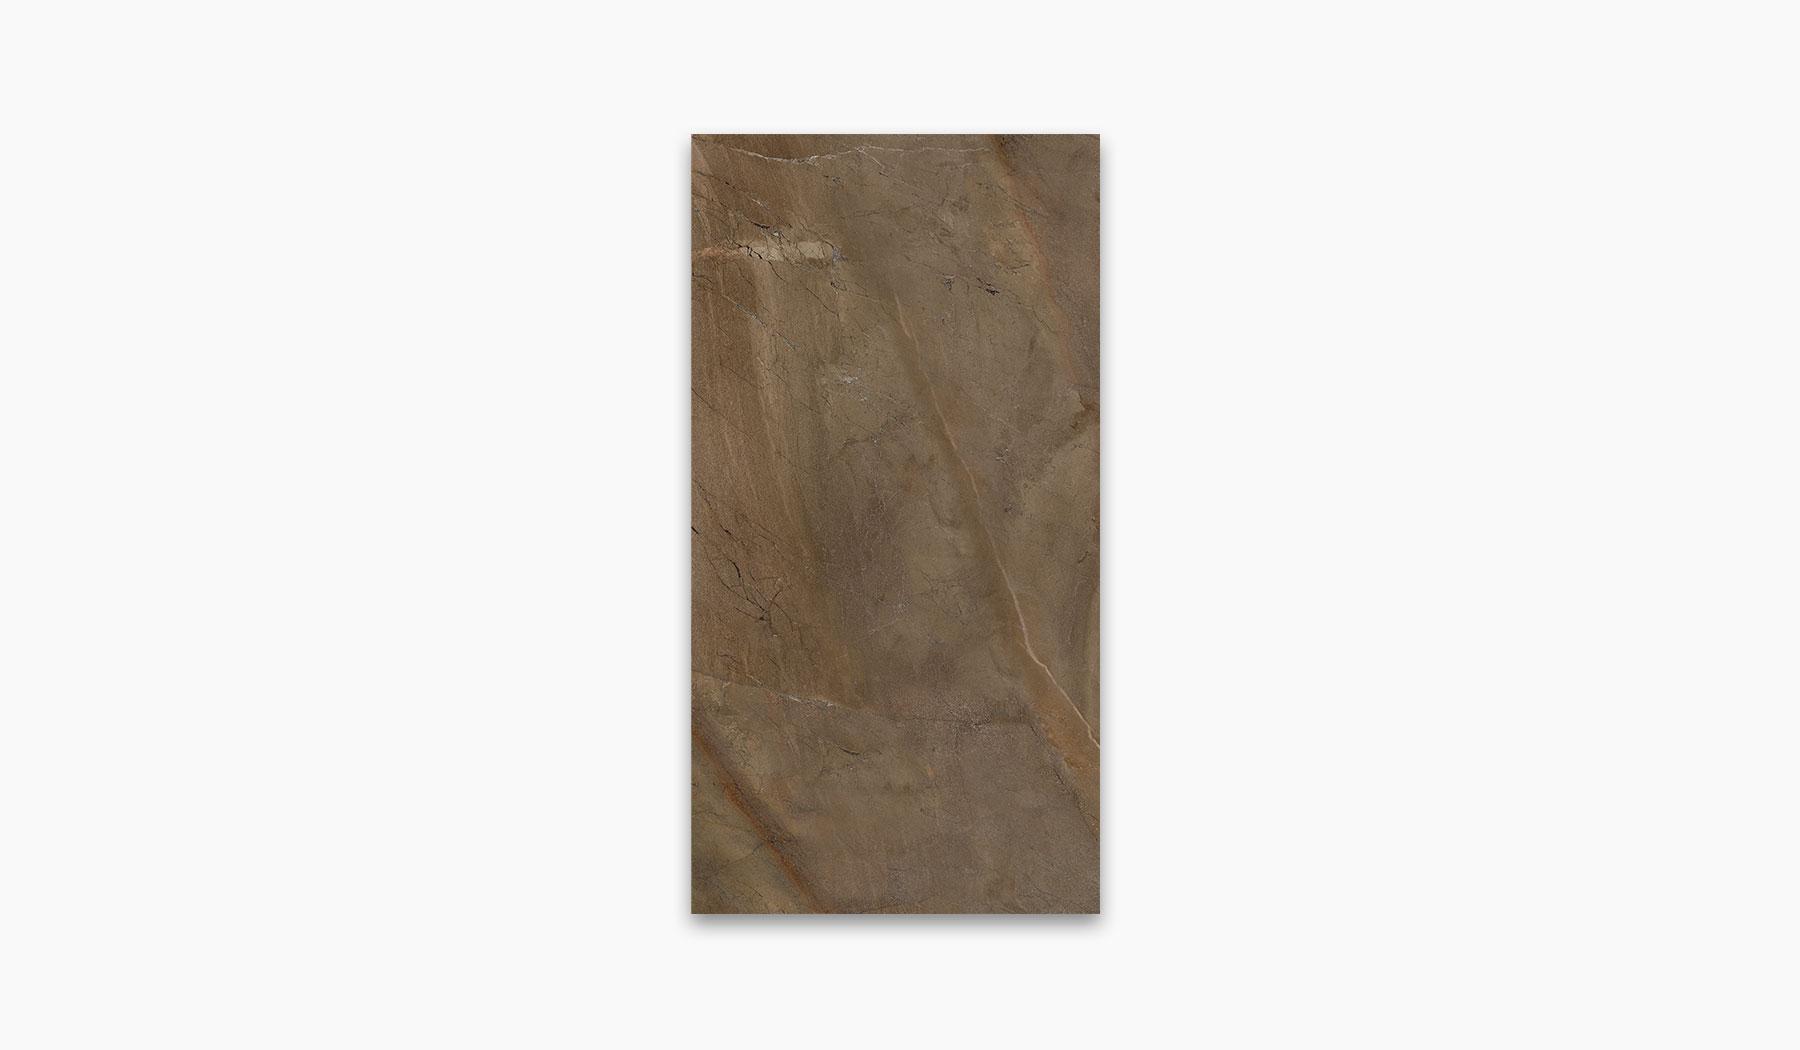 کاشی و سرامیک بوم سرامیک ، کاشی دیوار مانیس قهوه ای سایز 30*60 لعاب براق صاف با زمینه سنگ